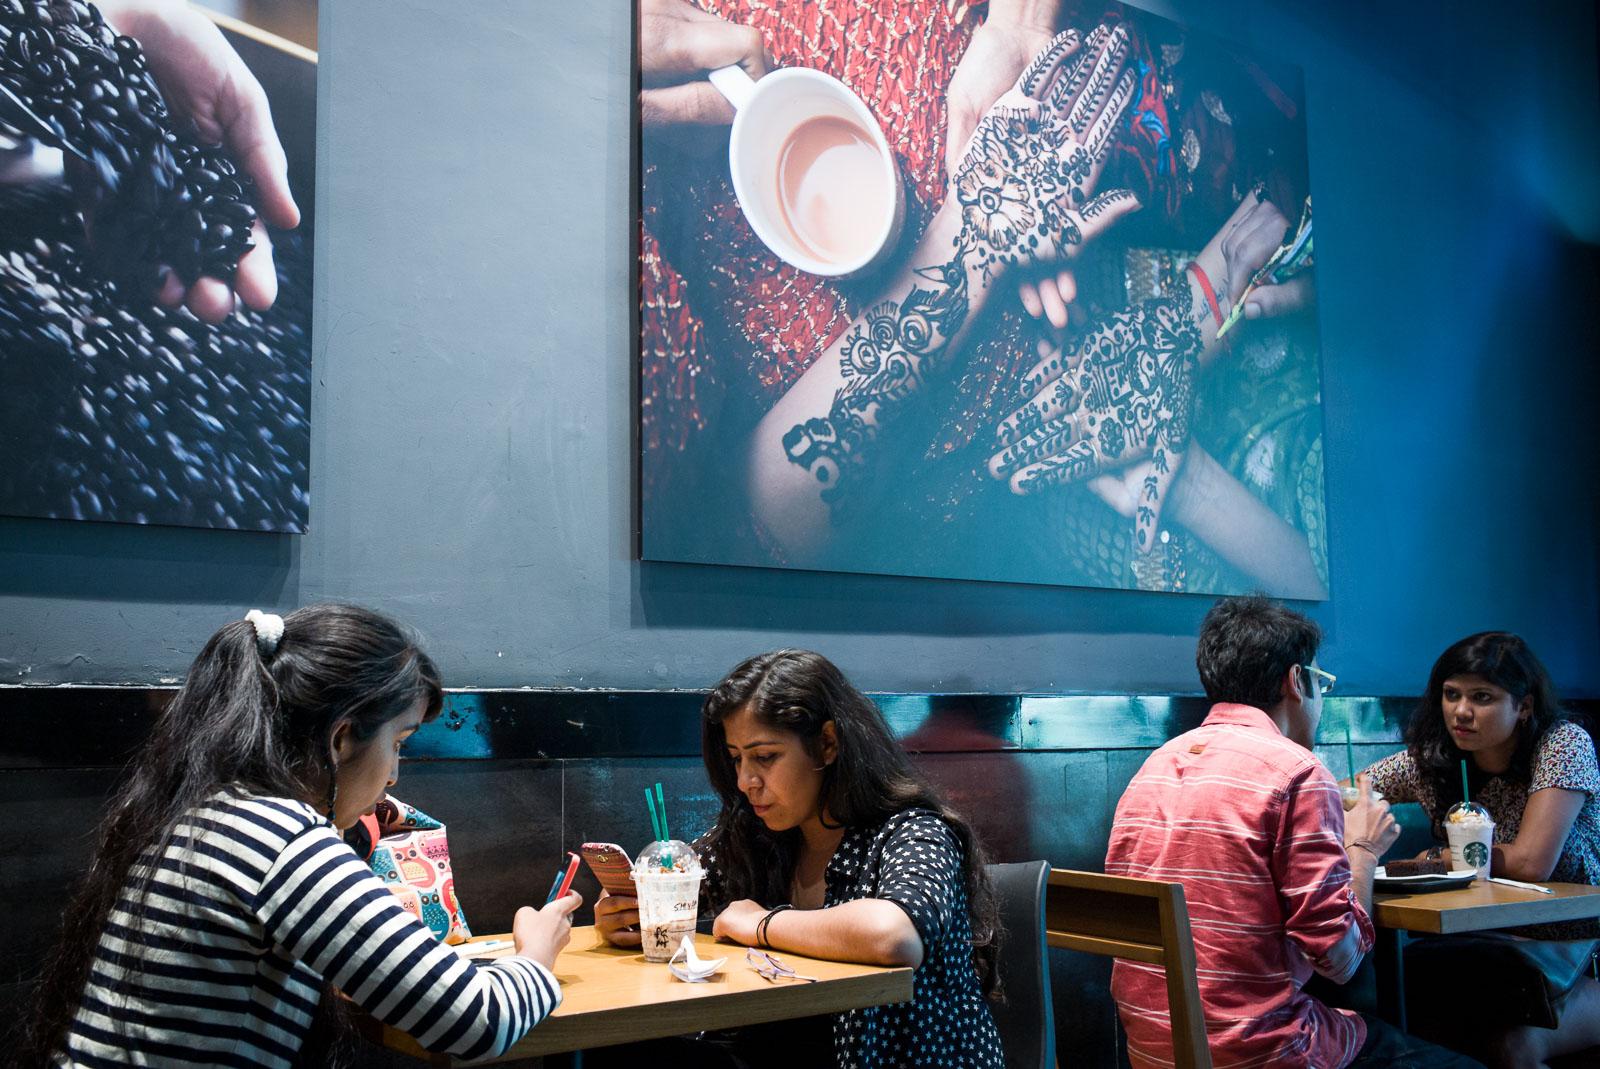 florian_lang-urban_spaces_india-8